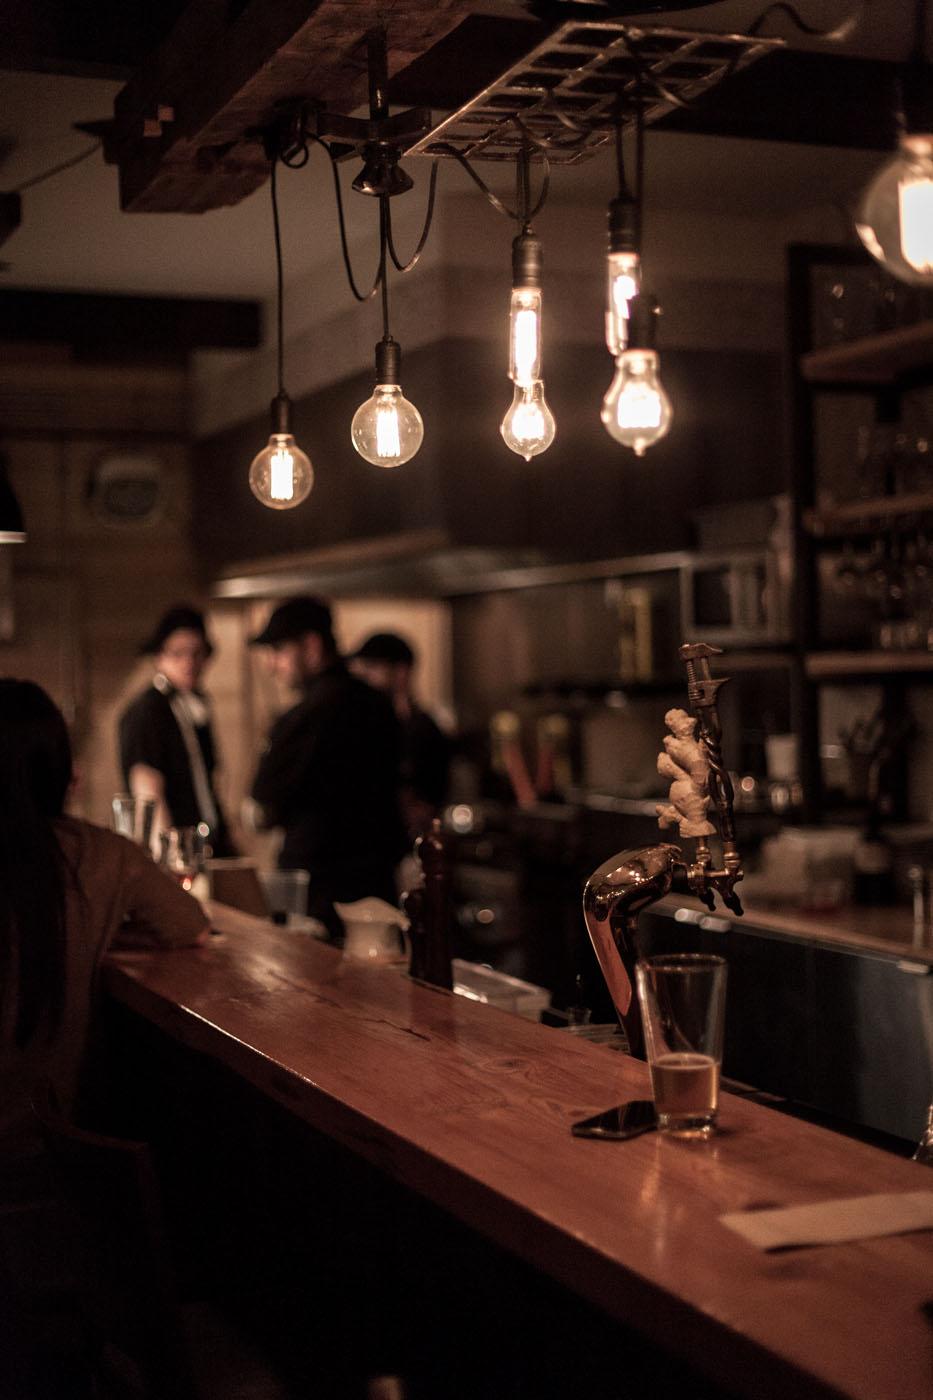 Microbrasserie et bistro en Estrie | Restaurant, auberge et microbrasserie | Auberge Sutton Brouërie